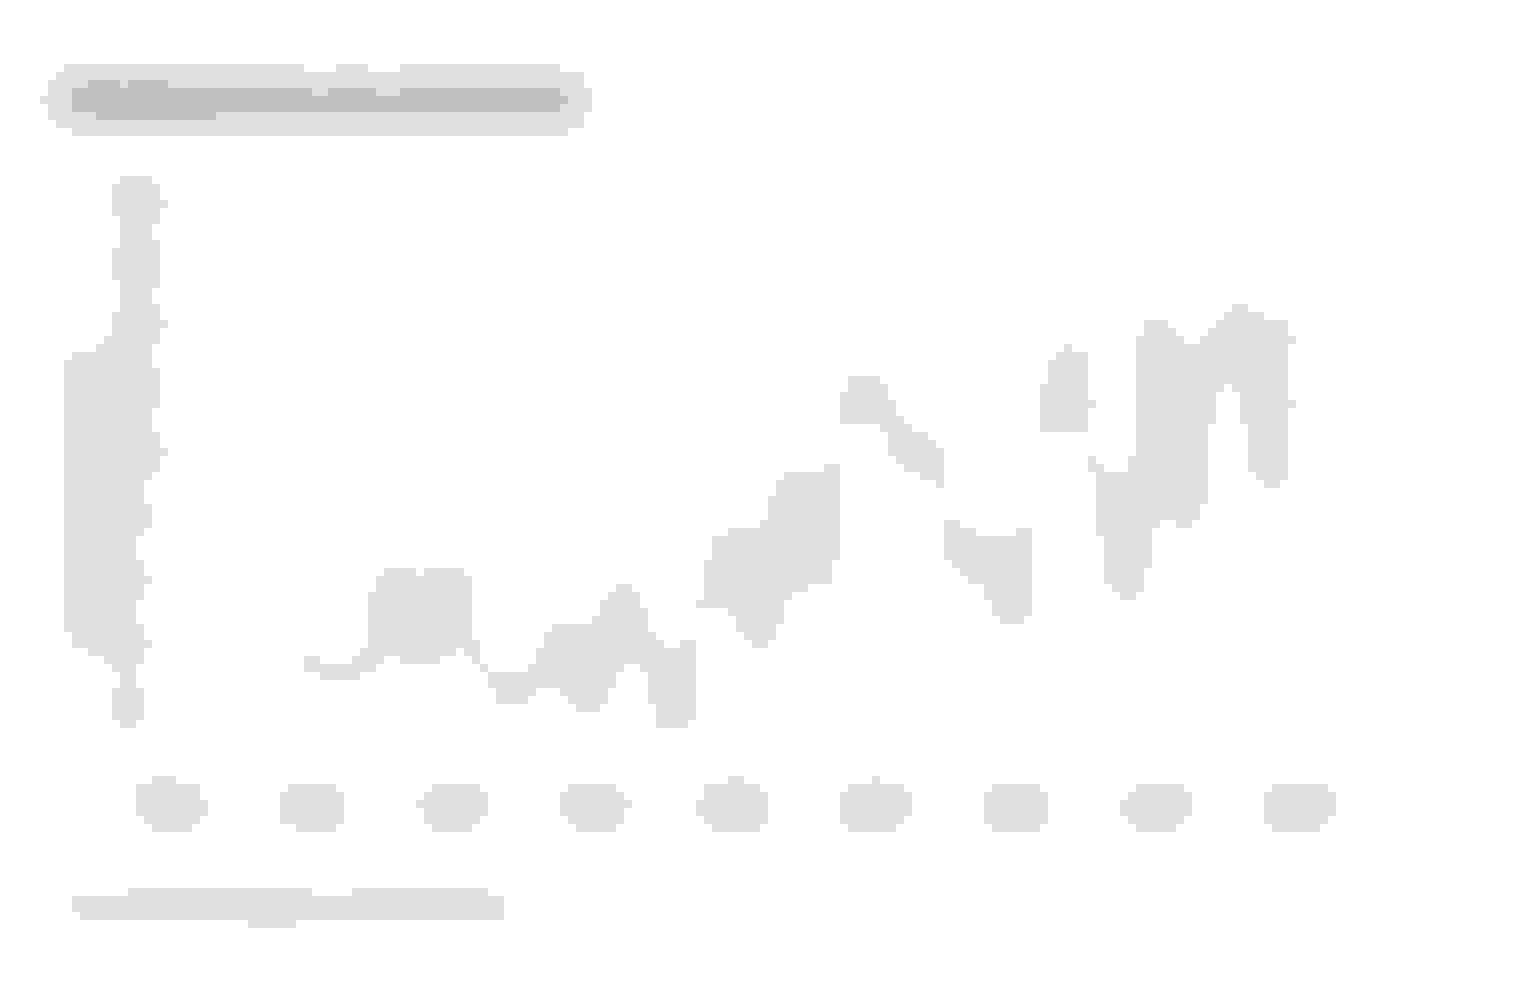 Chart about fire damage